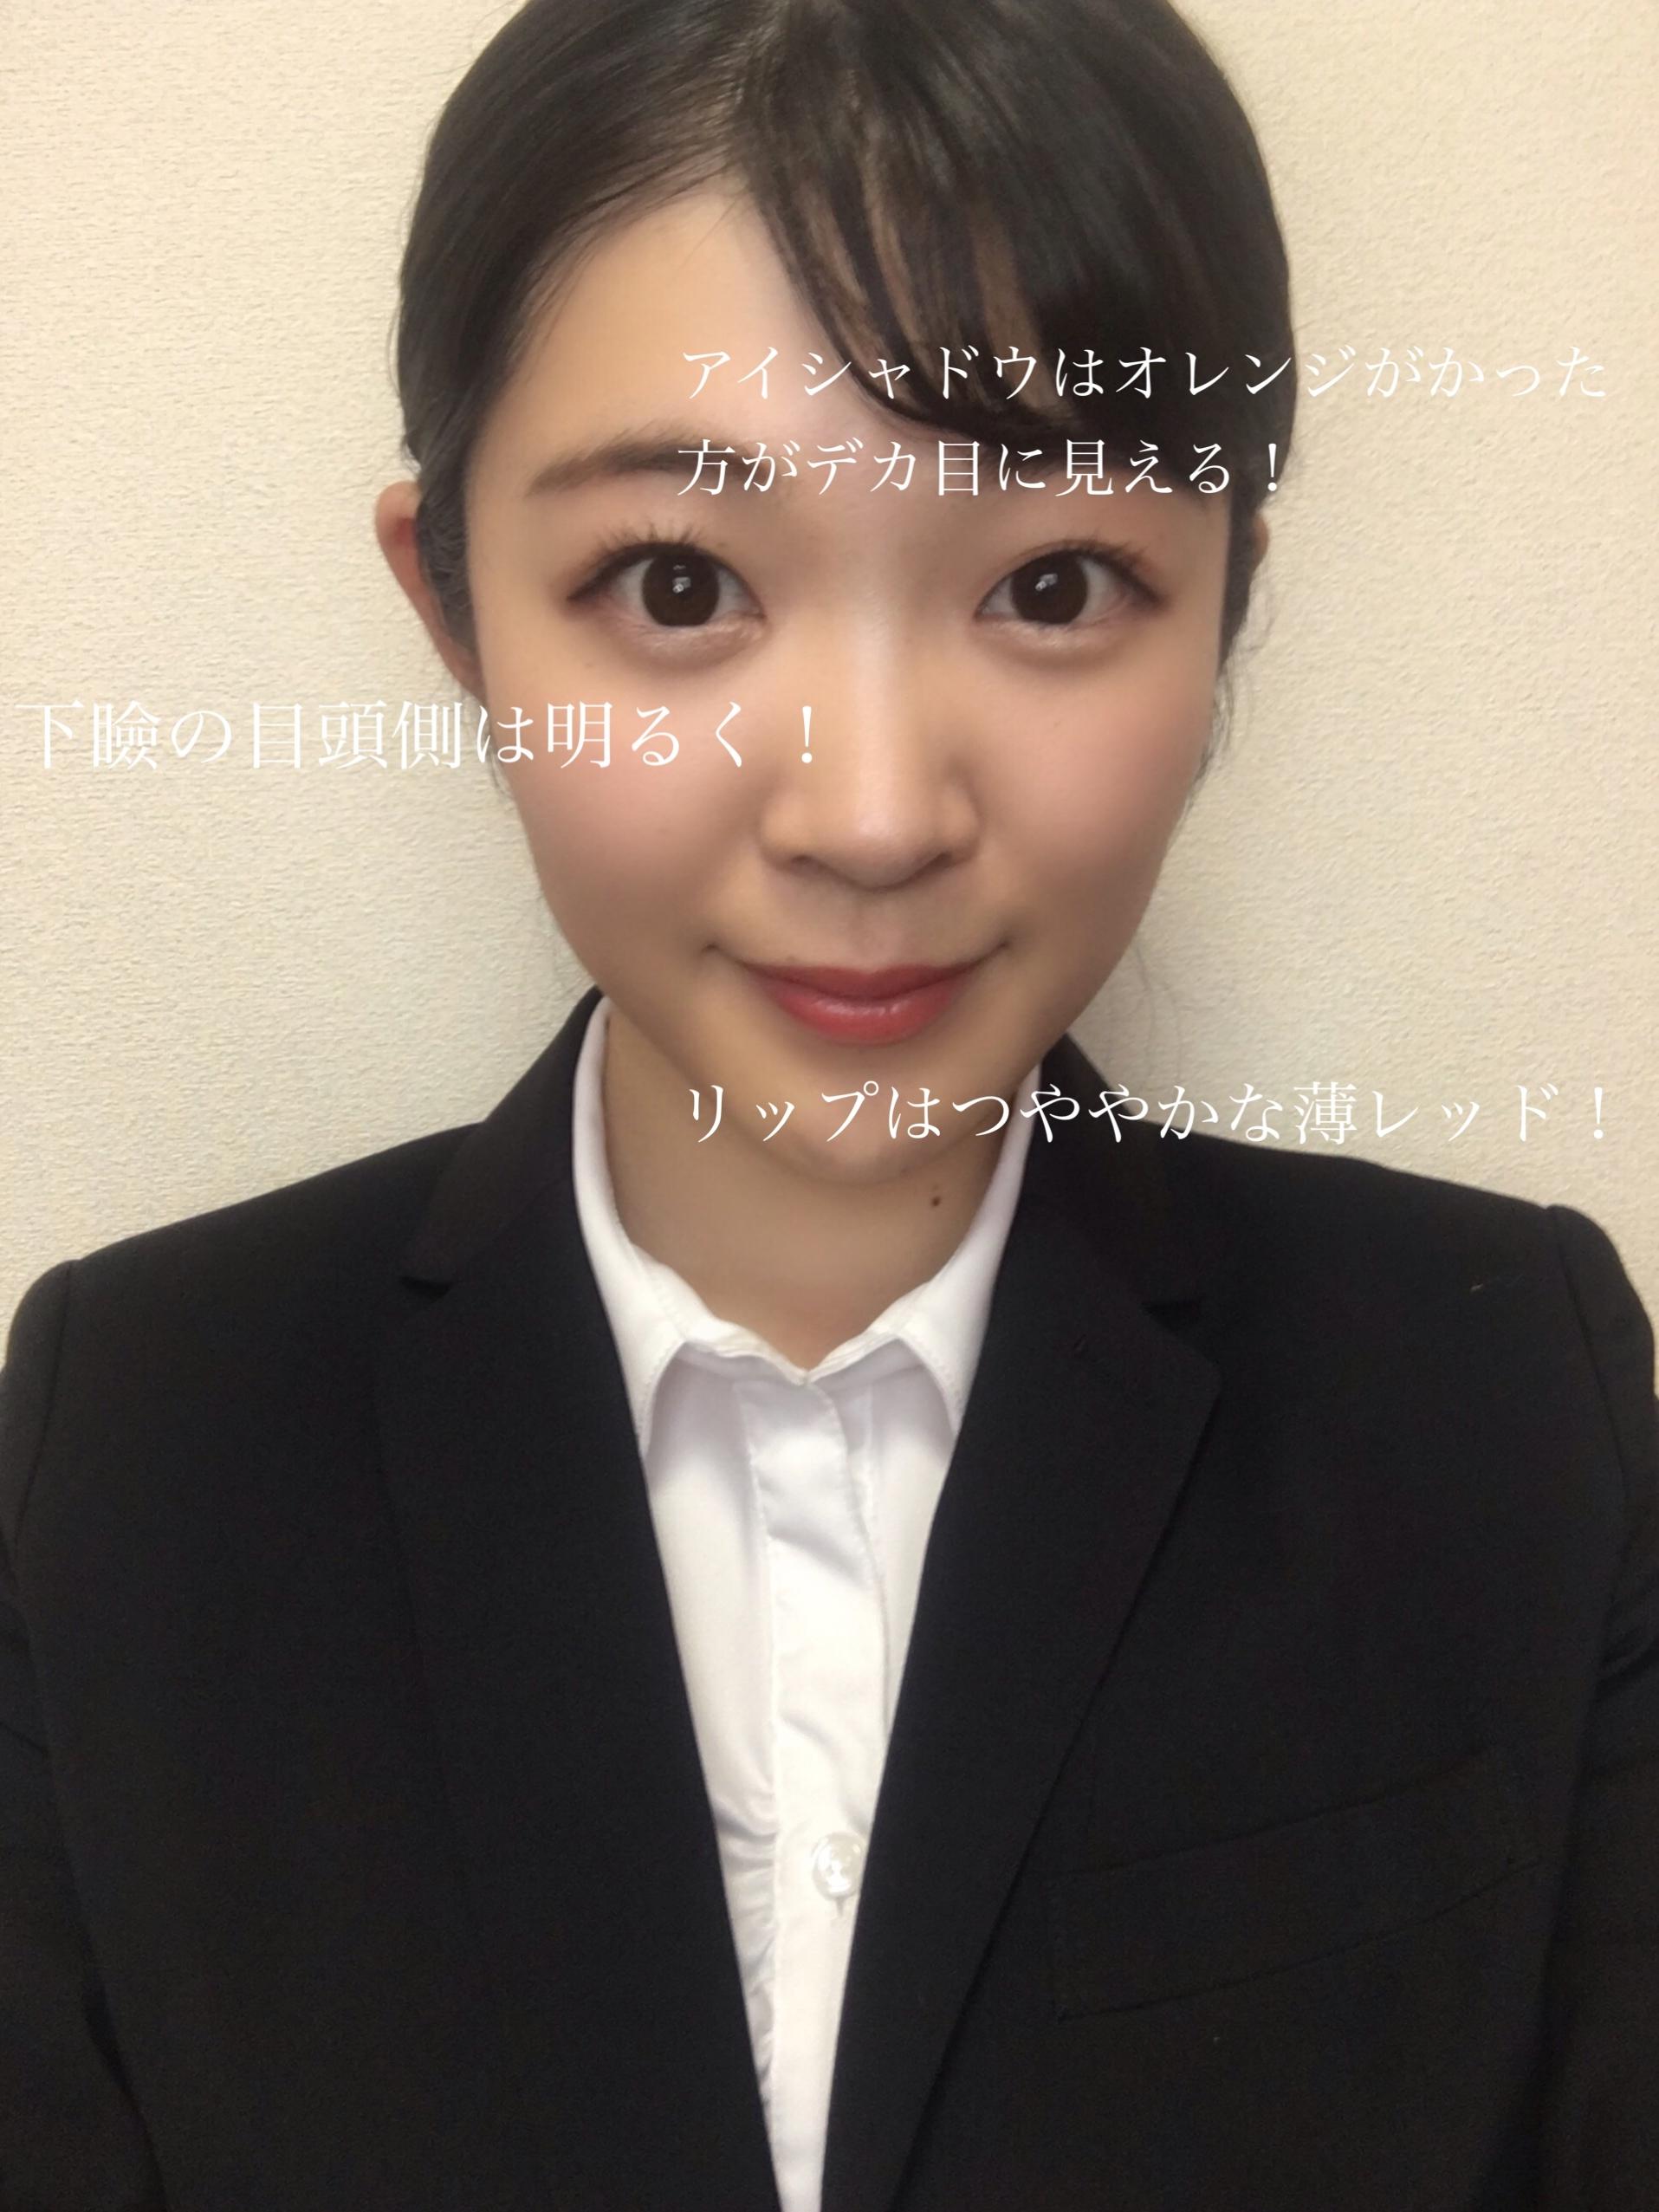 読モのリアル就活メイク♡_1_1